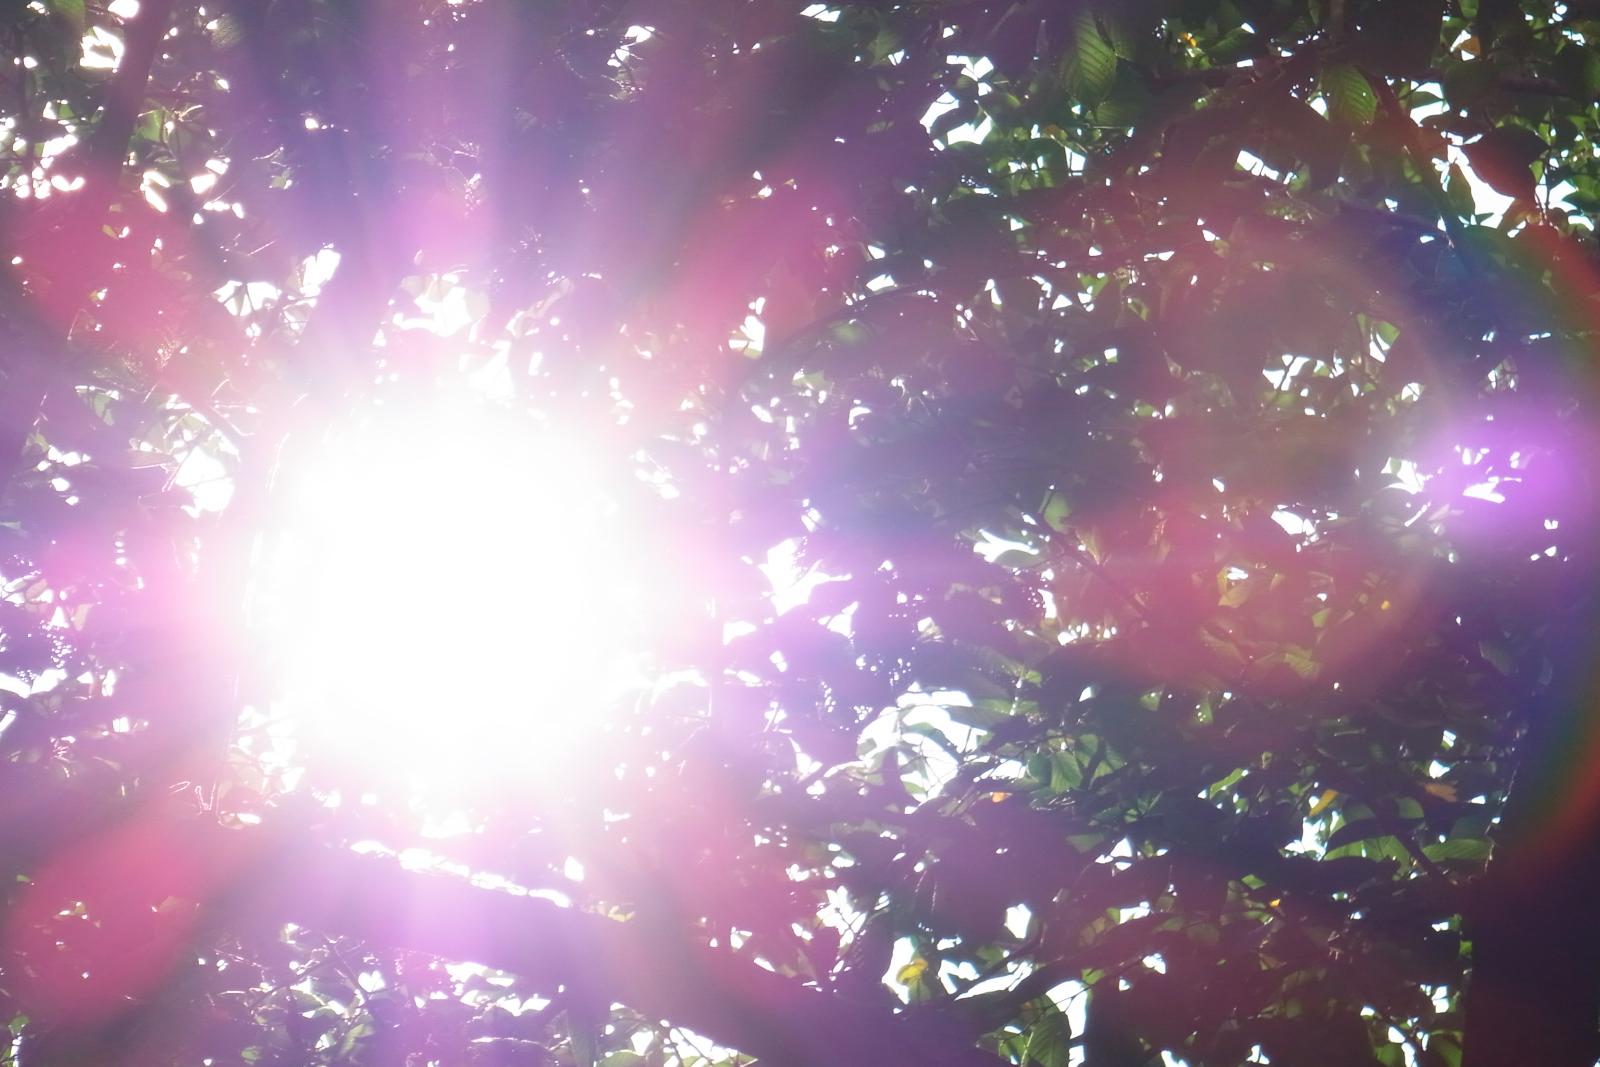 パワーみなぎる太陽